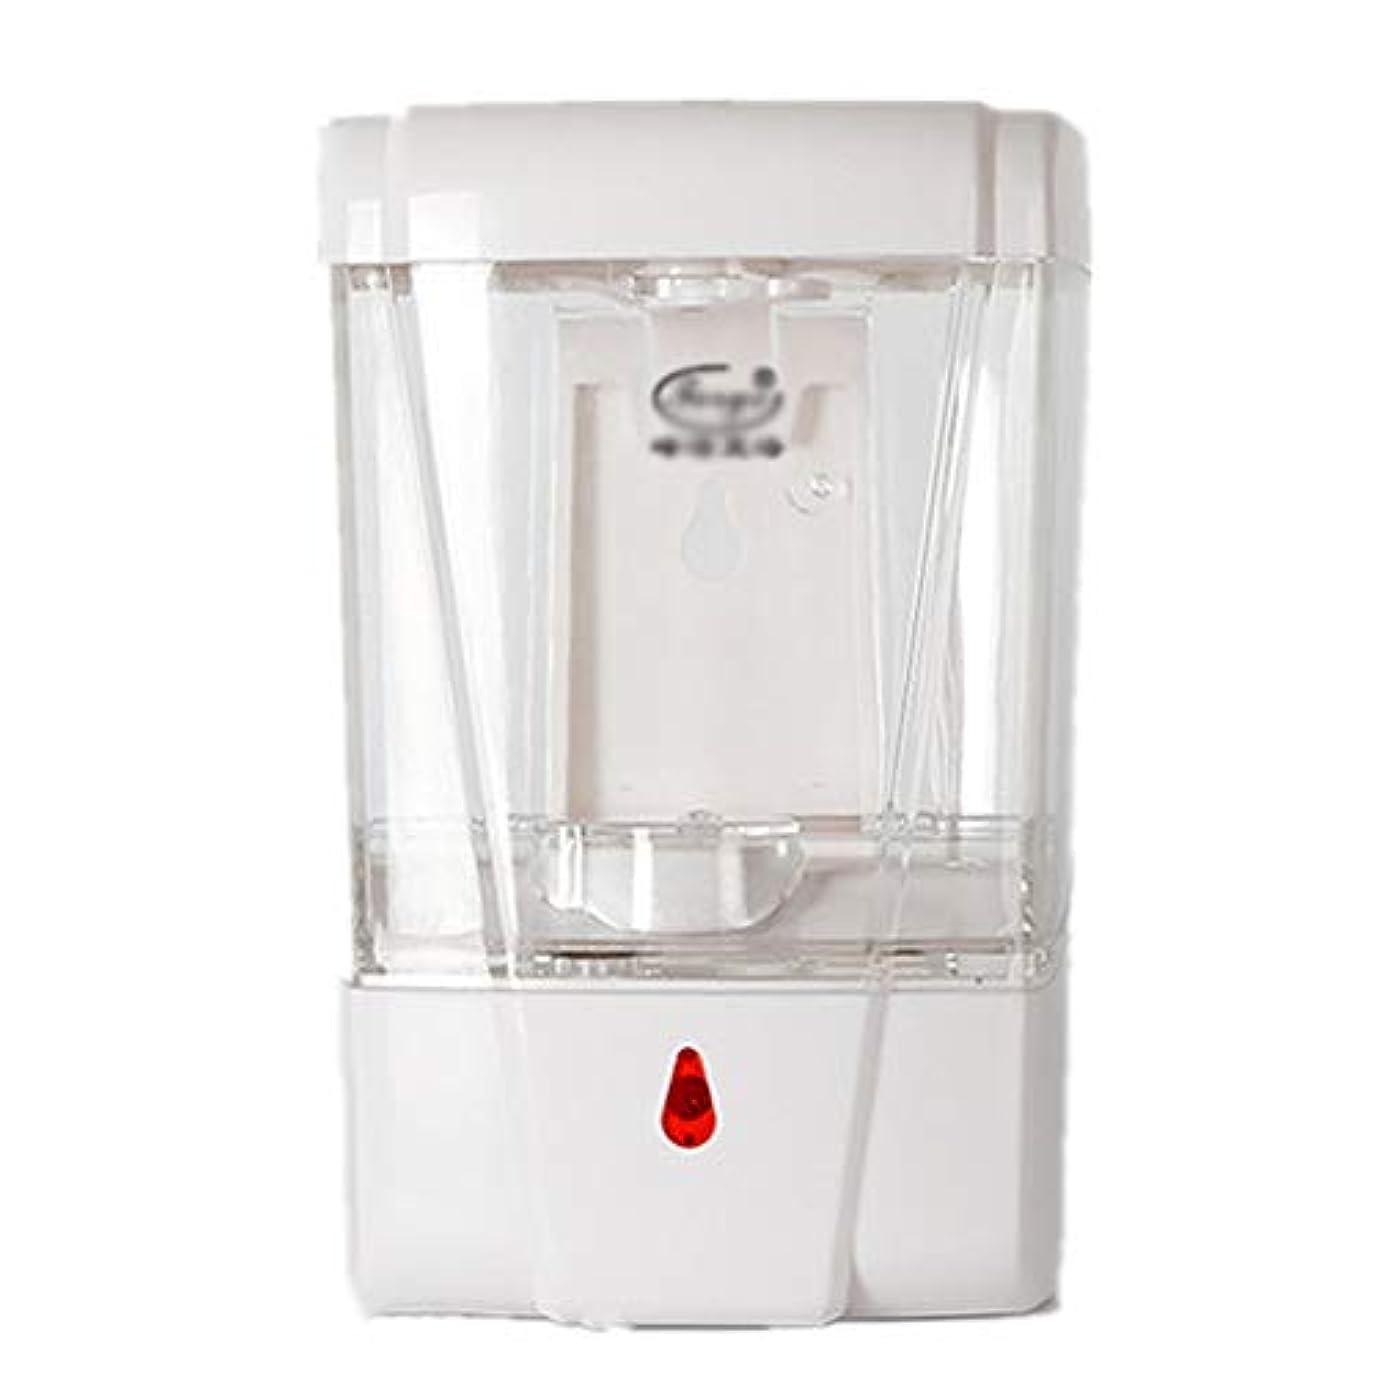 生まれ引き出すルビーソープディスペンサー 700mlの容量自動ソープディスペンサー非接触自動誘導バッテリ駆動ハンズフリーソープディスペンサー ハンドソープ 食器用洗剤 キッチン 洗面所などに適用 (Color : White, Size : One size-Drops)